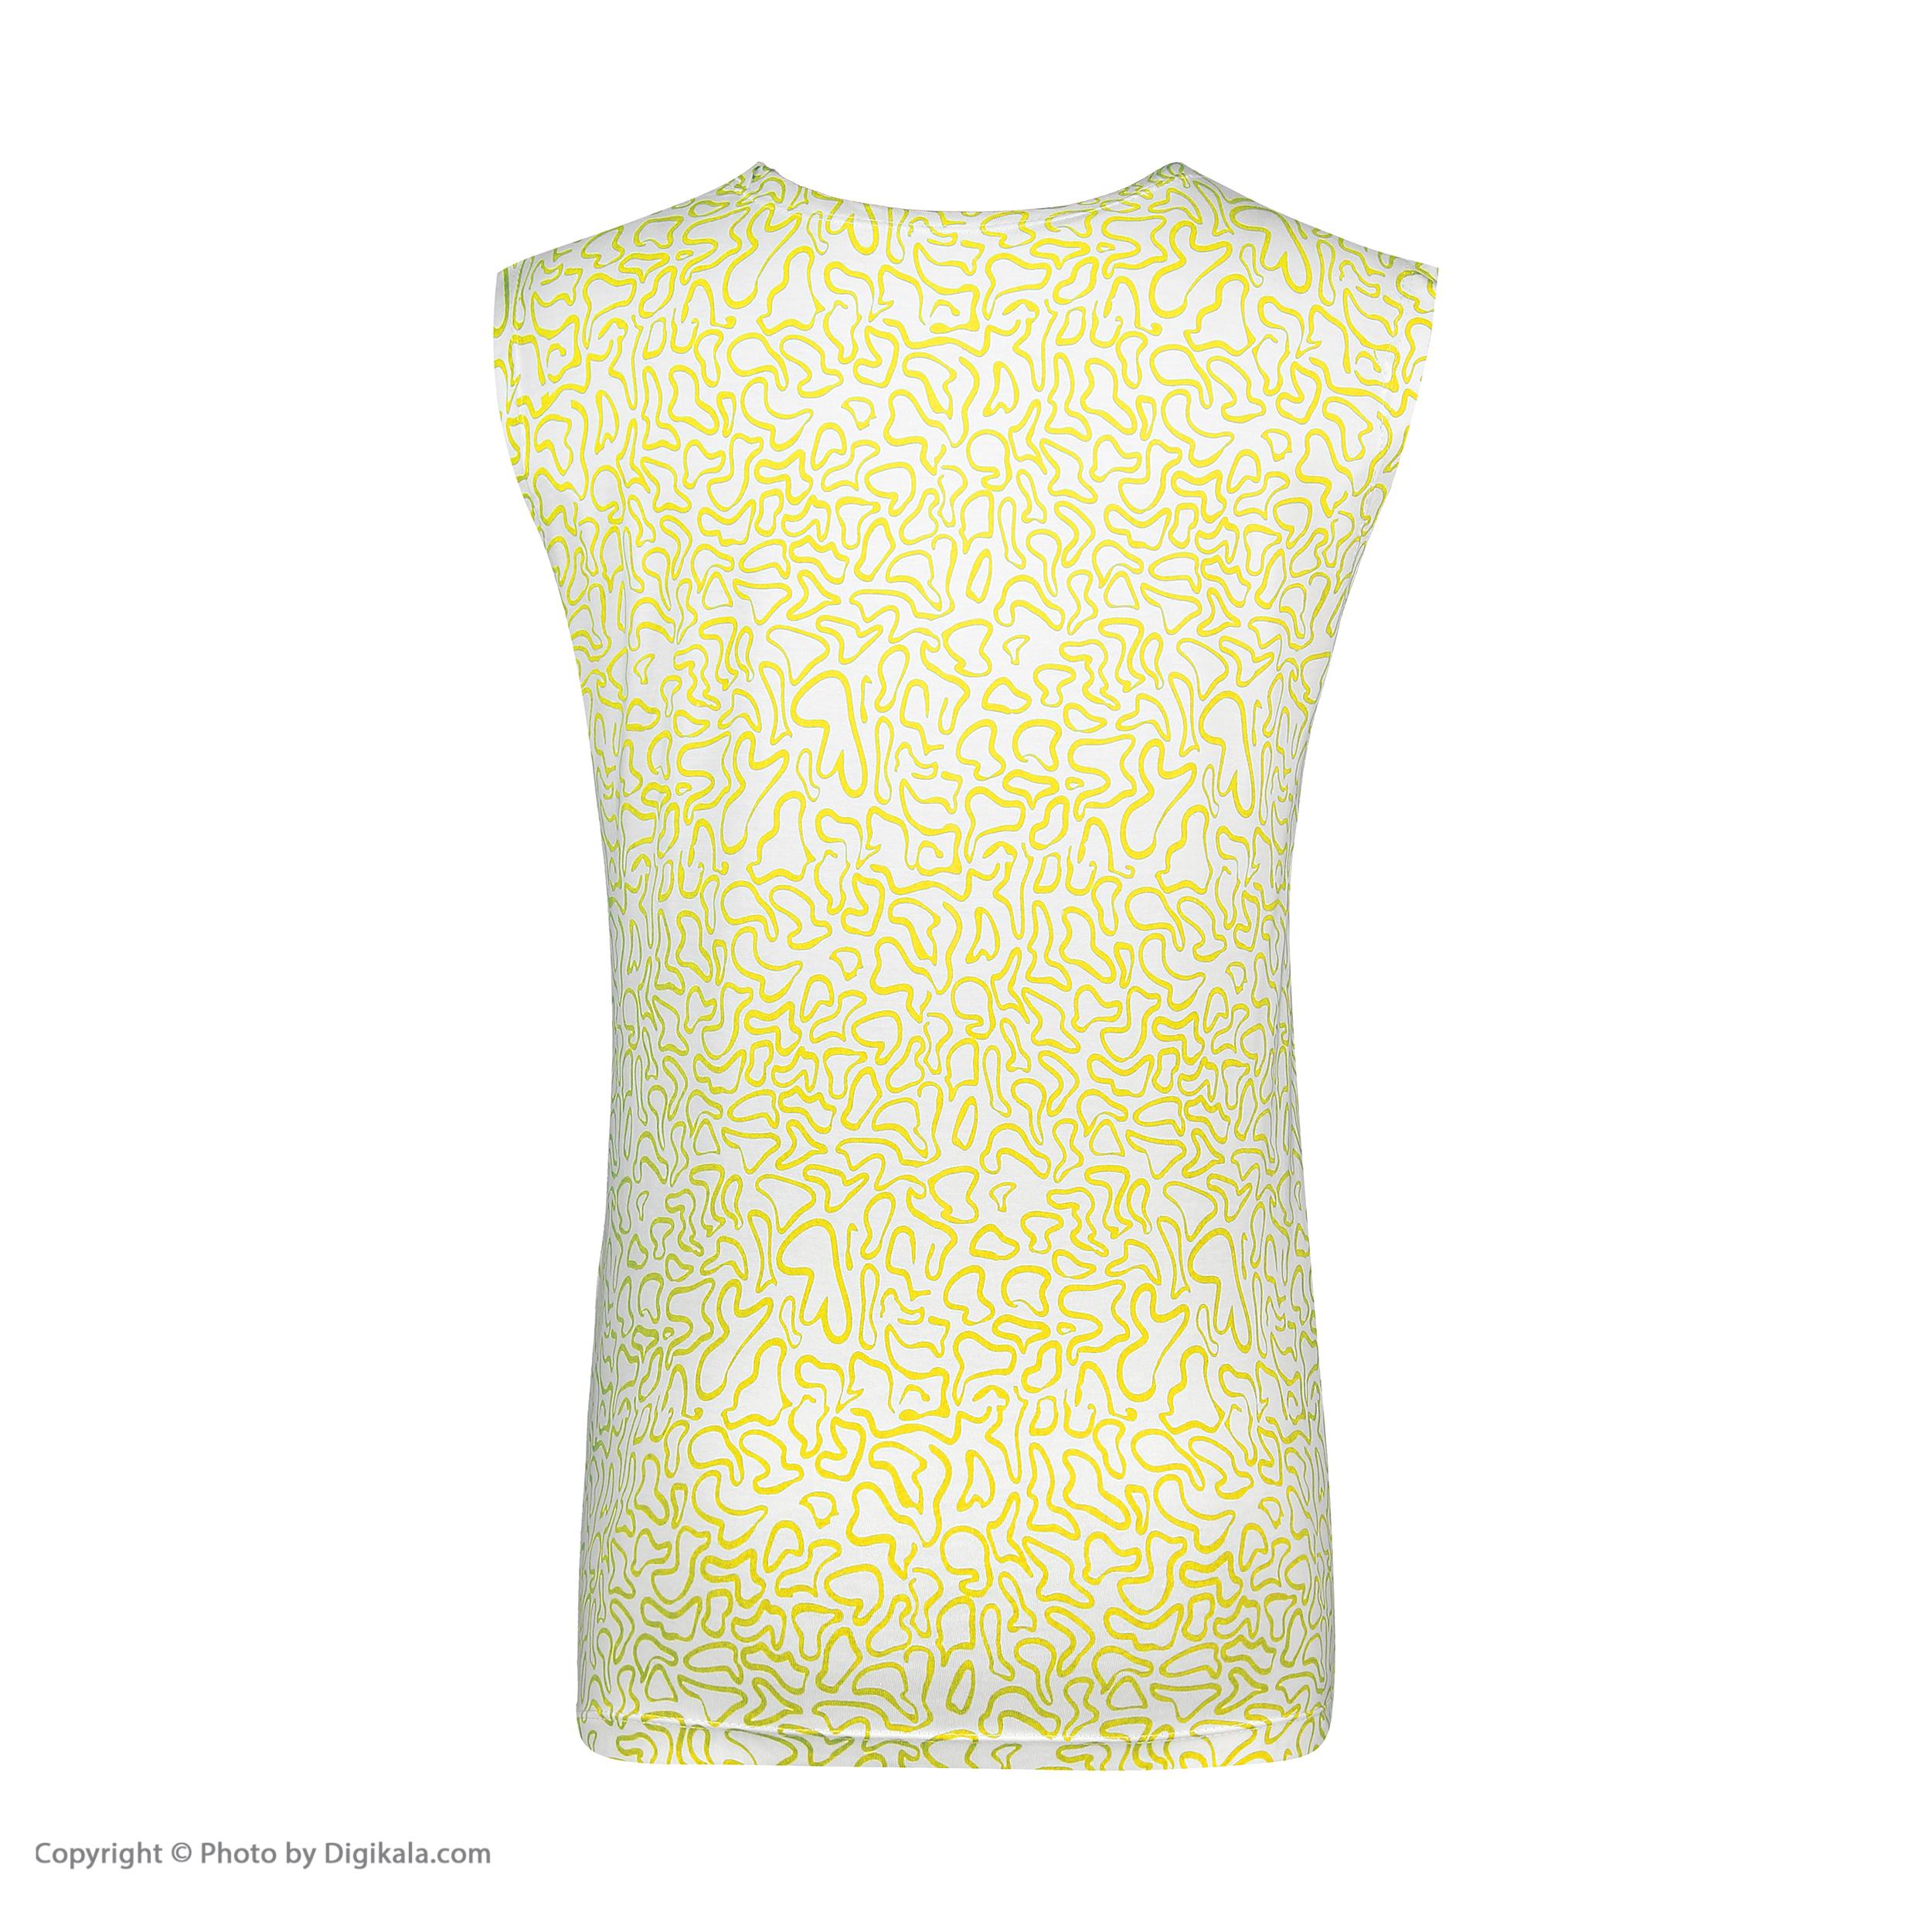 ست تاپ و شلوارک زنانه طرح بیوتی کد 0227 رنگ زرد -  - 9